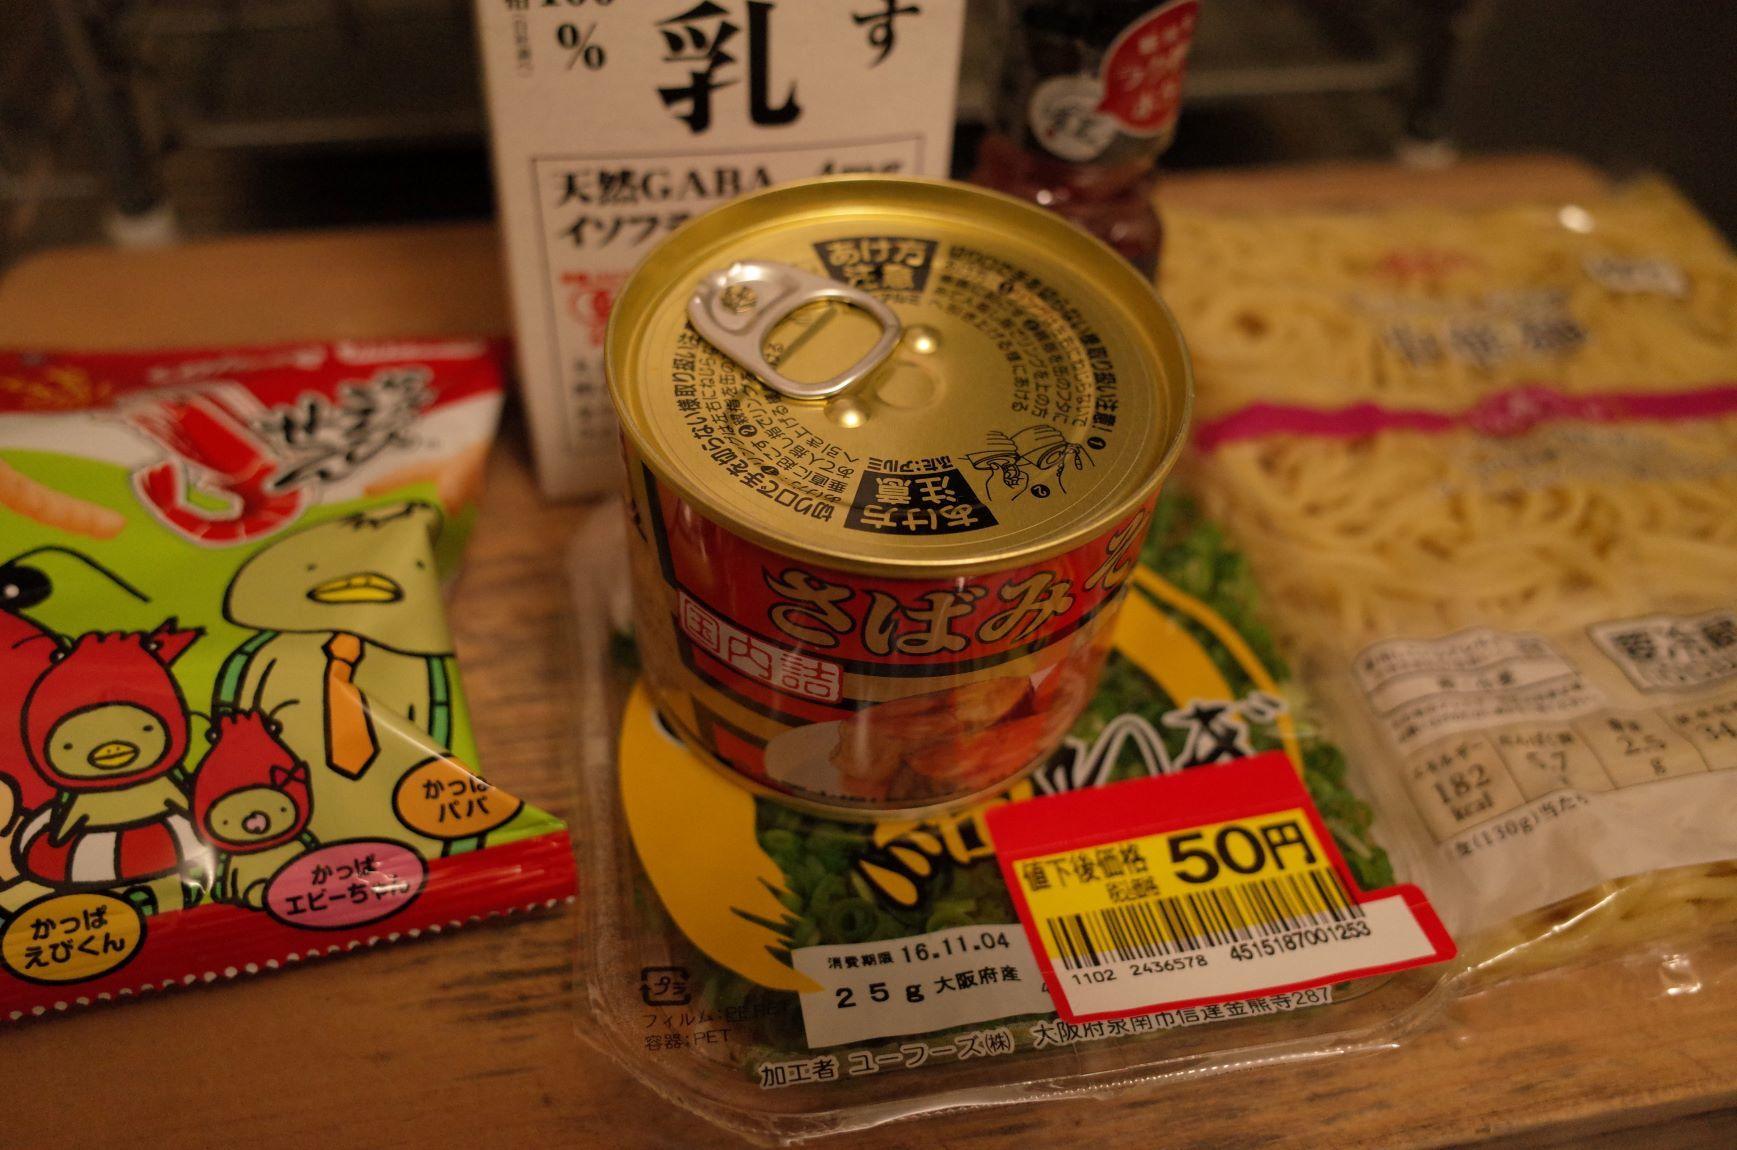 エア外食(担々麺)【アーカイブ】_d0389370_22342194.jpg